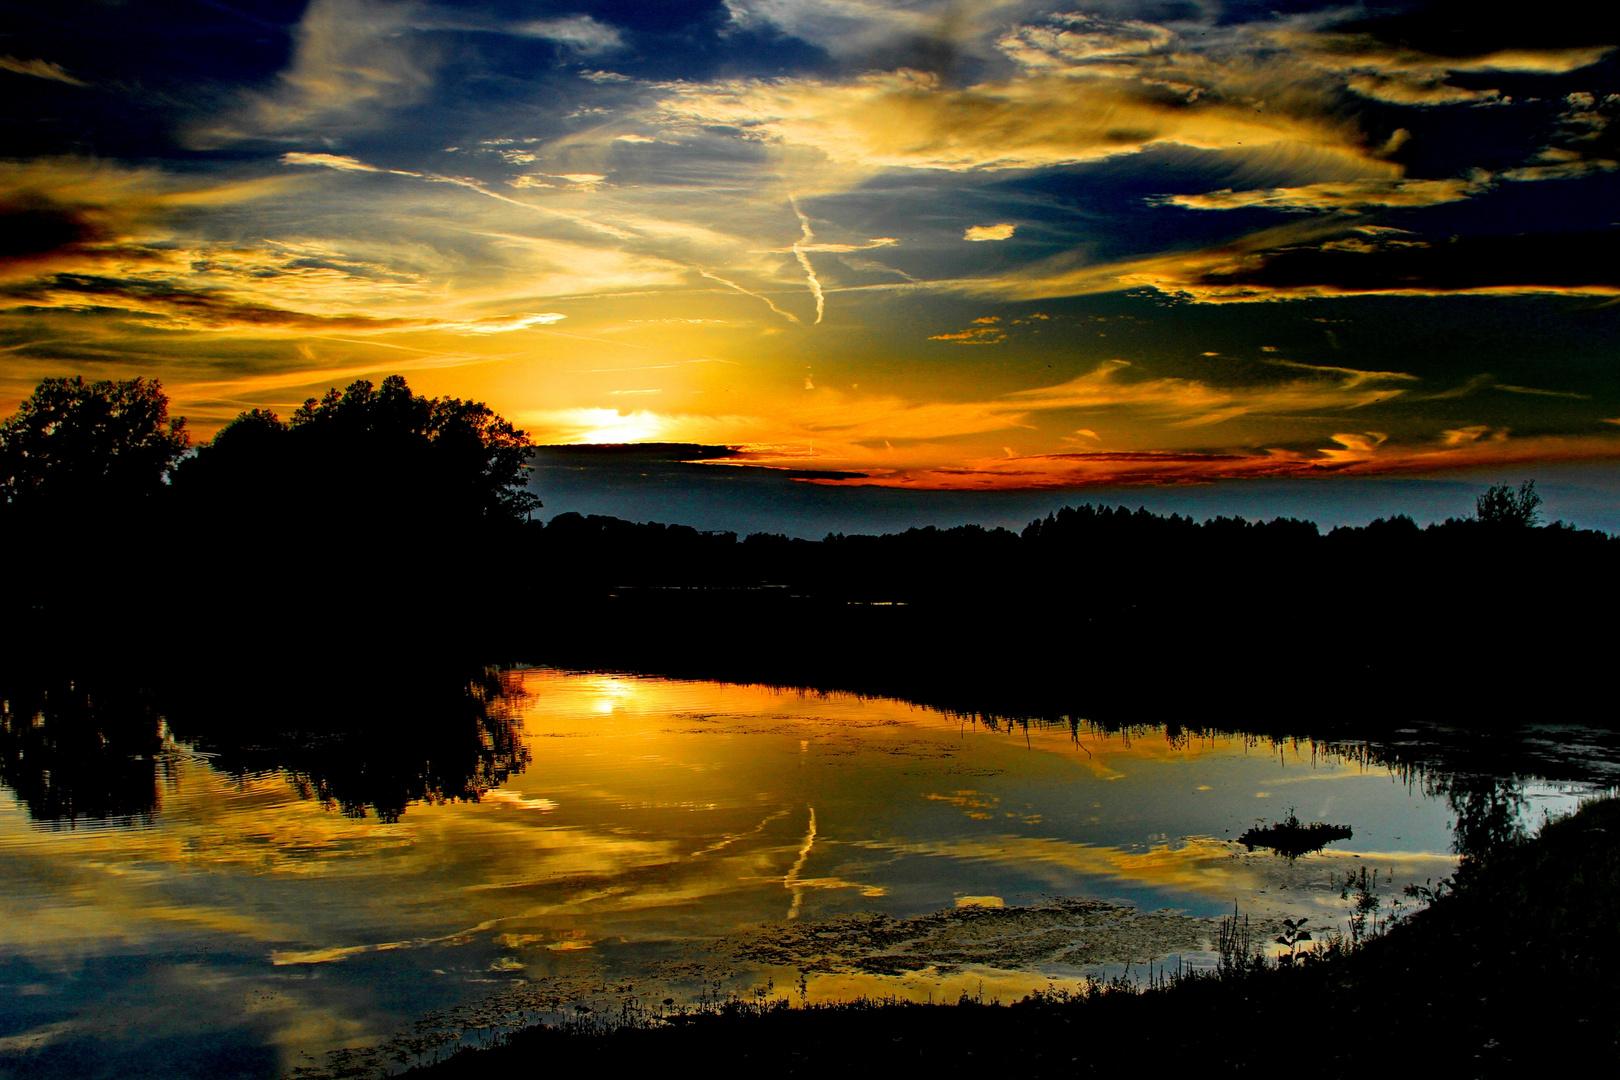 Sunset near Stokkem (Belgium)